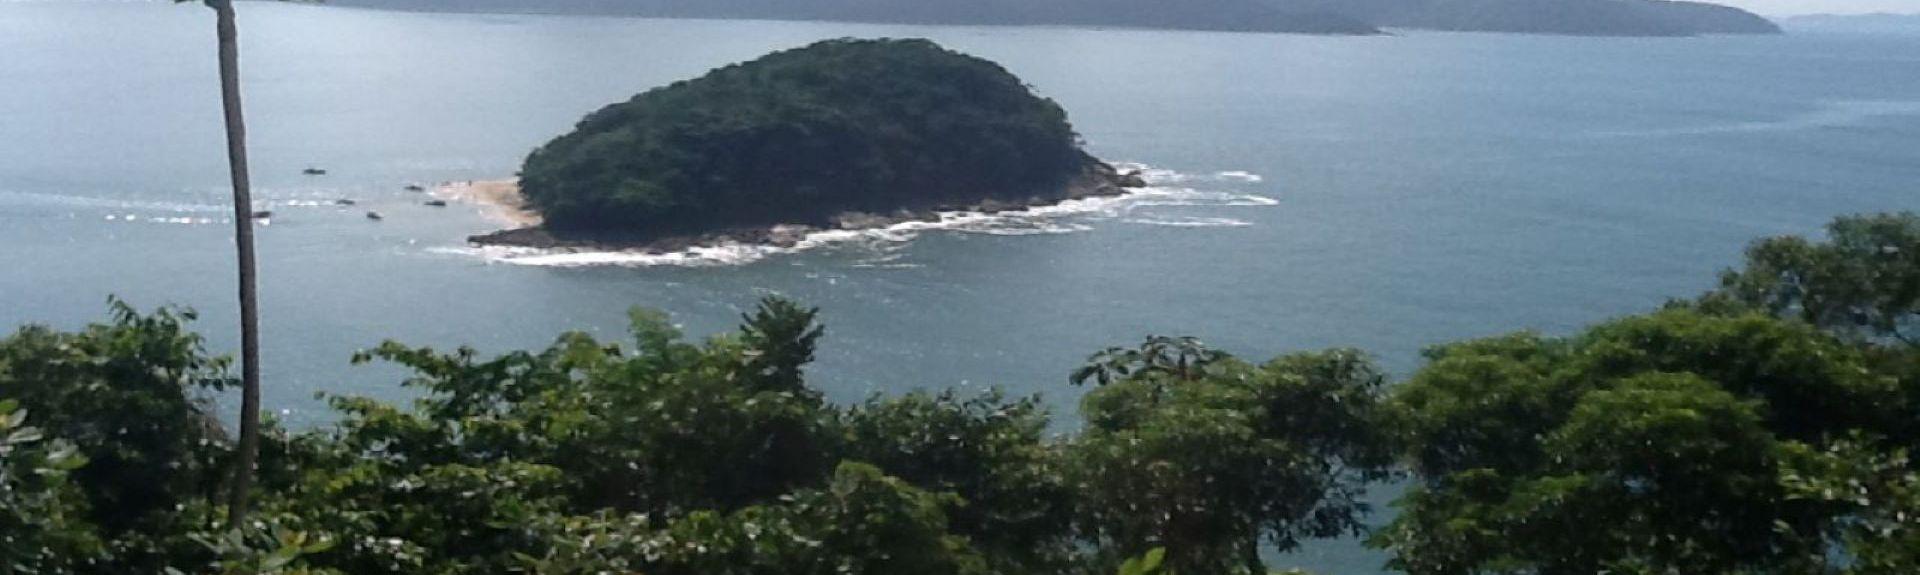 Île de Tamandua, Région Sud-Est, Brésil